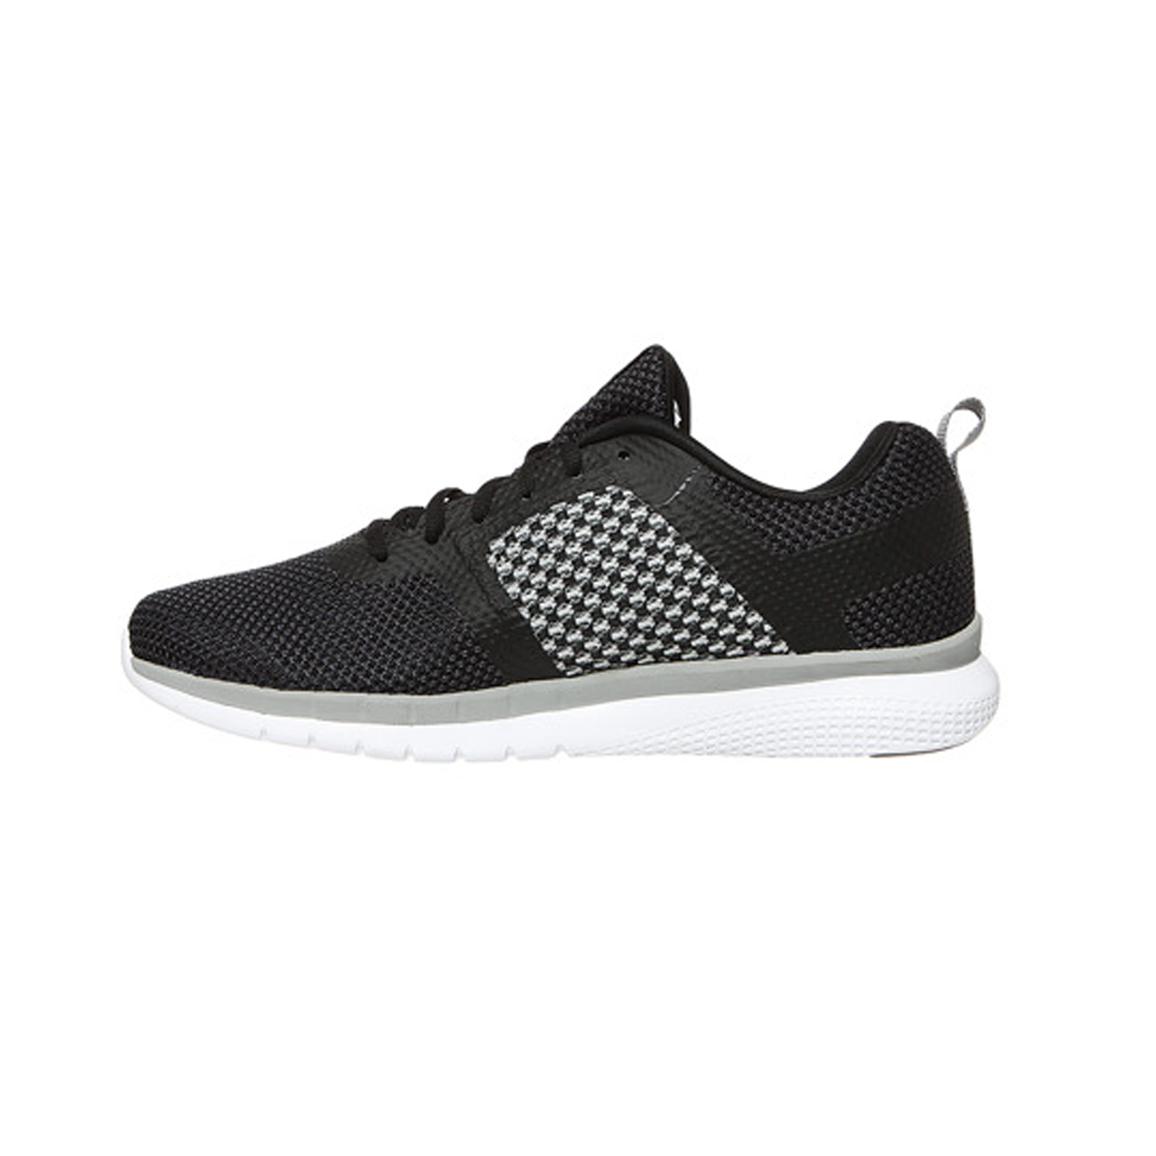 قیمت کفش مخصوص دویدن مردانه ریباک مدل PT Prime Runner FC